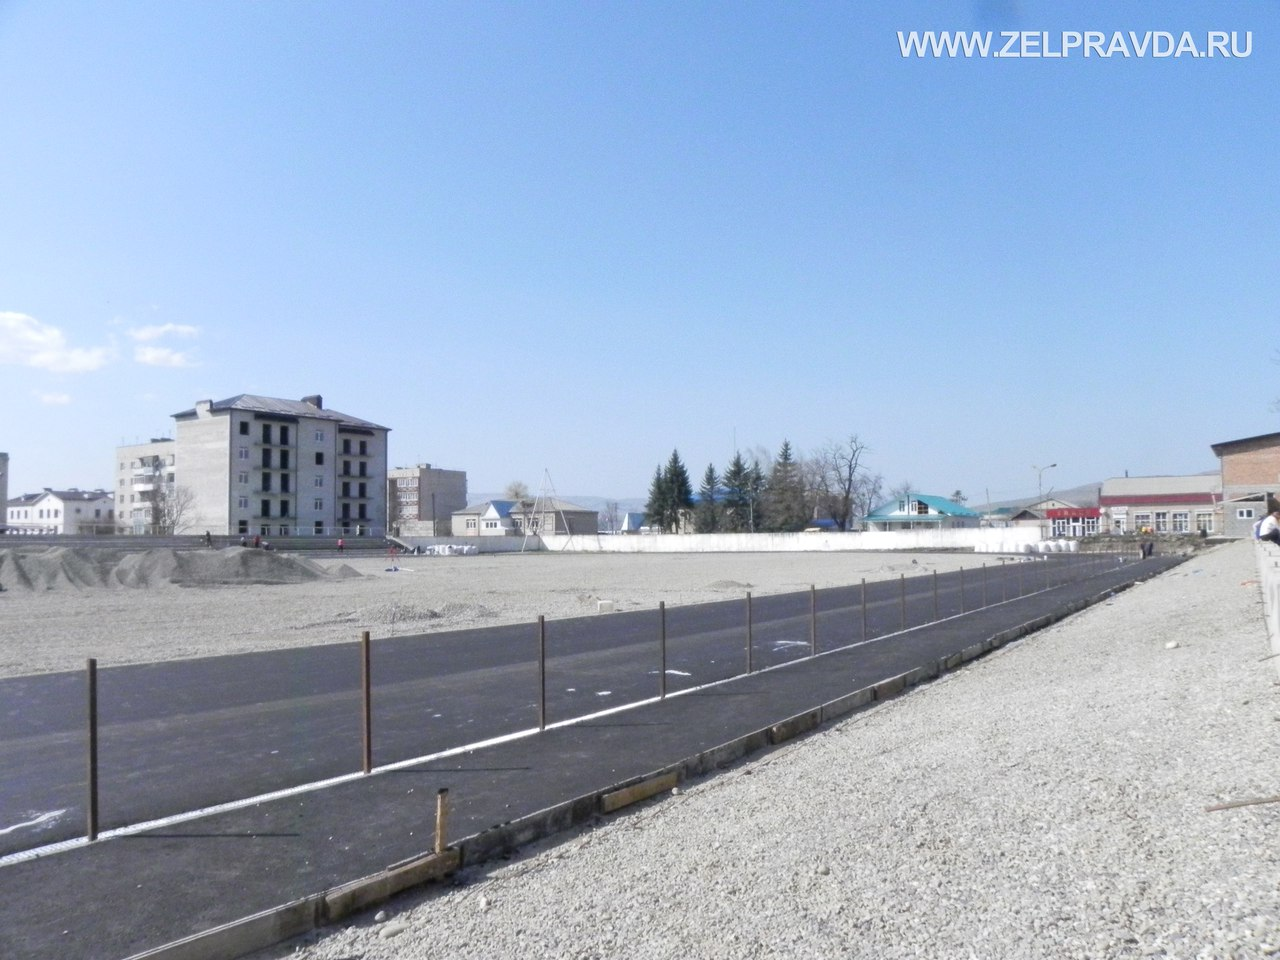 В станице Зеленчукской на стадионе появились беговые дорожки